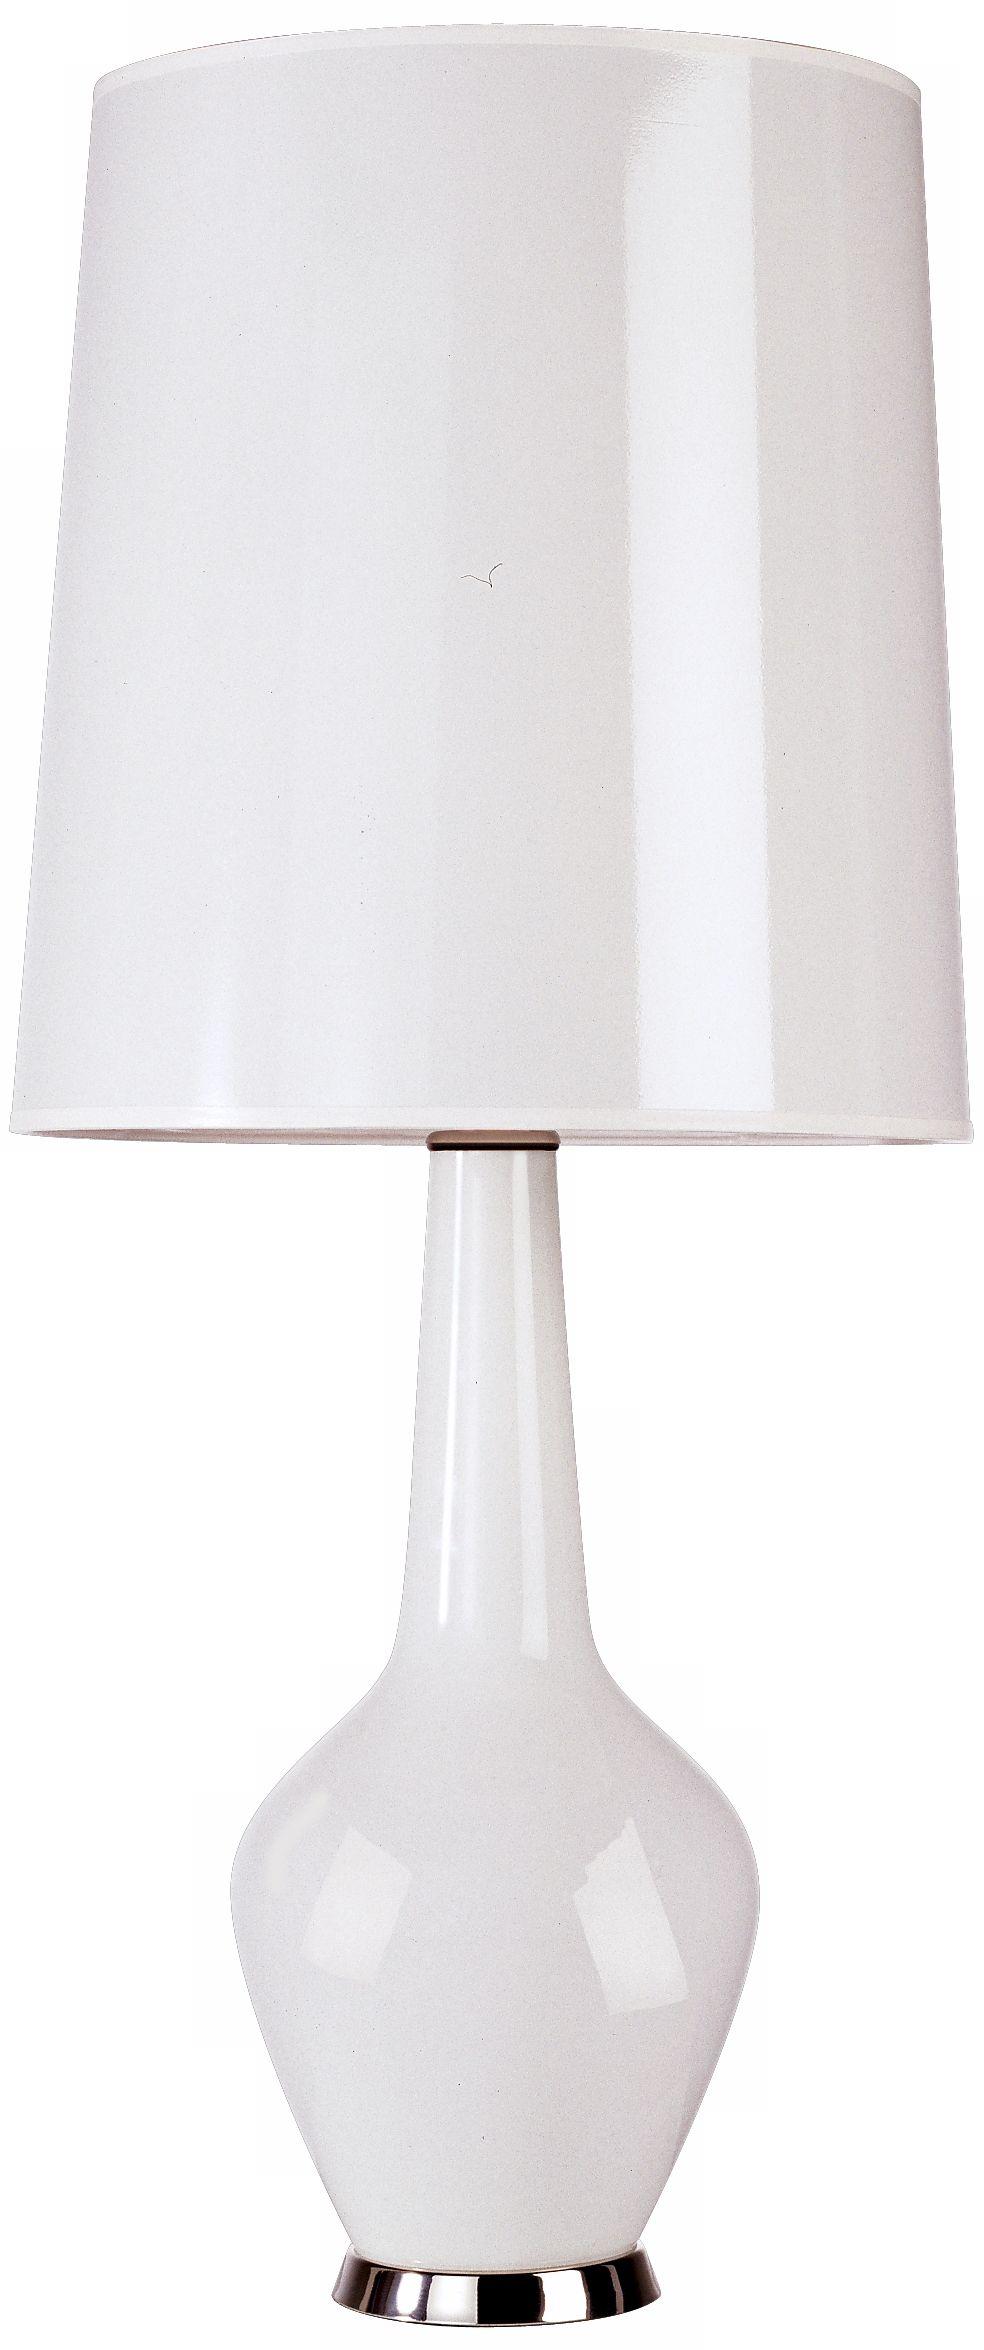 Captivating Jonathan Adler Capri Tall White Glass Table Lamp